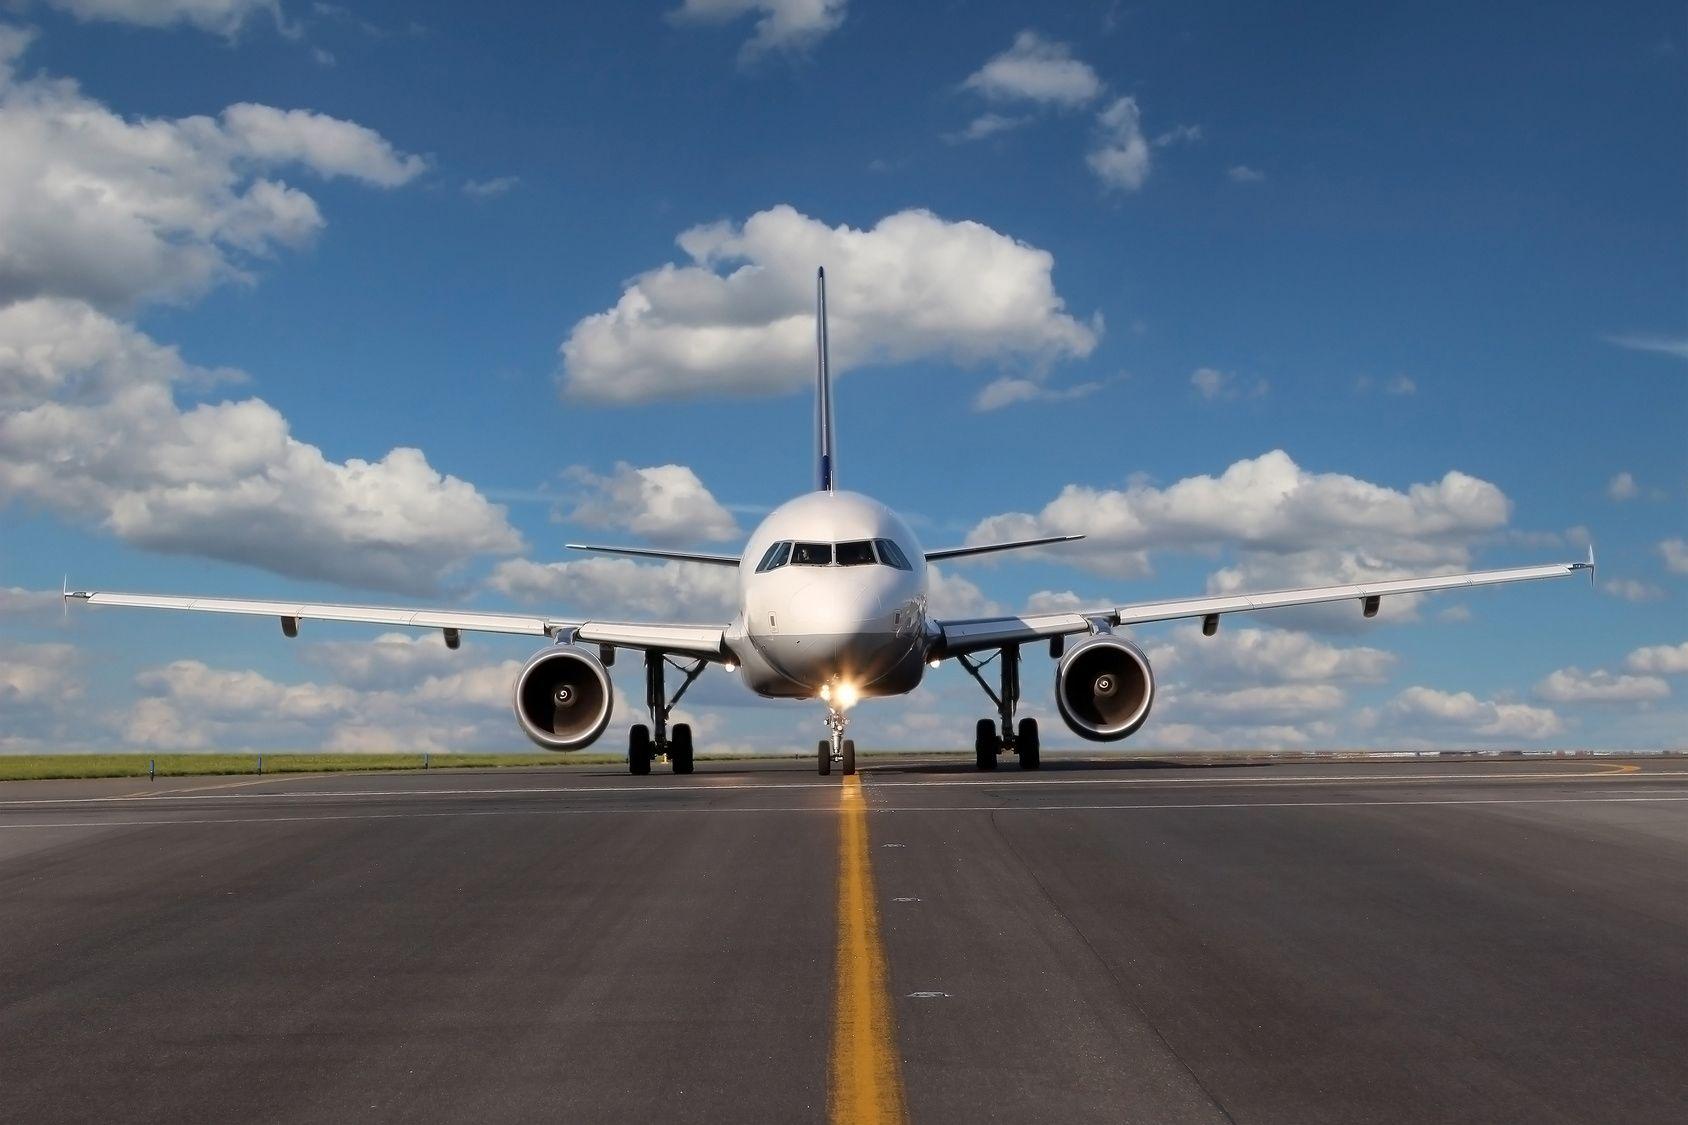 愛犬と一緒に空の旅を楽しみたい!航空会社のサービスの違いは?